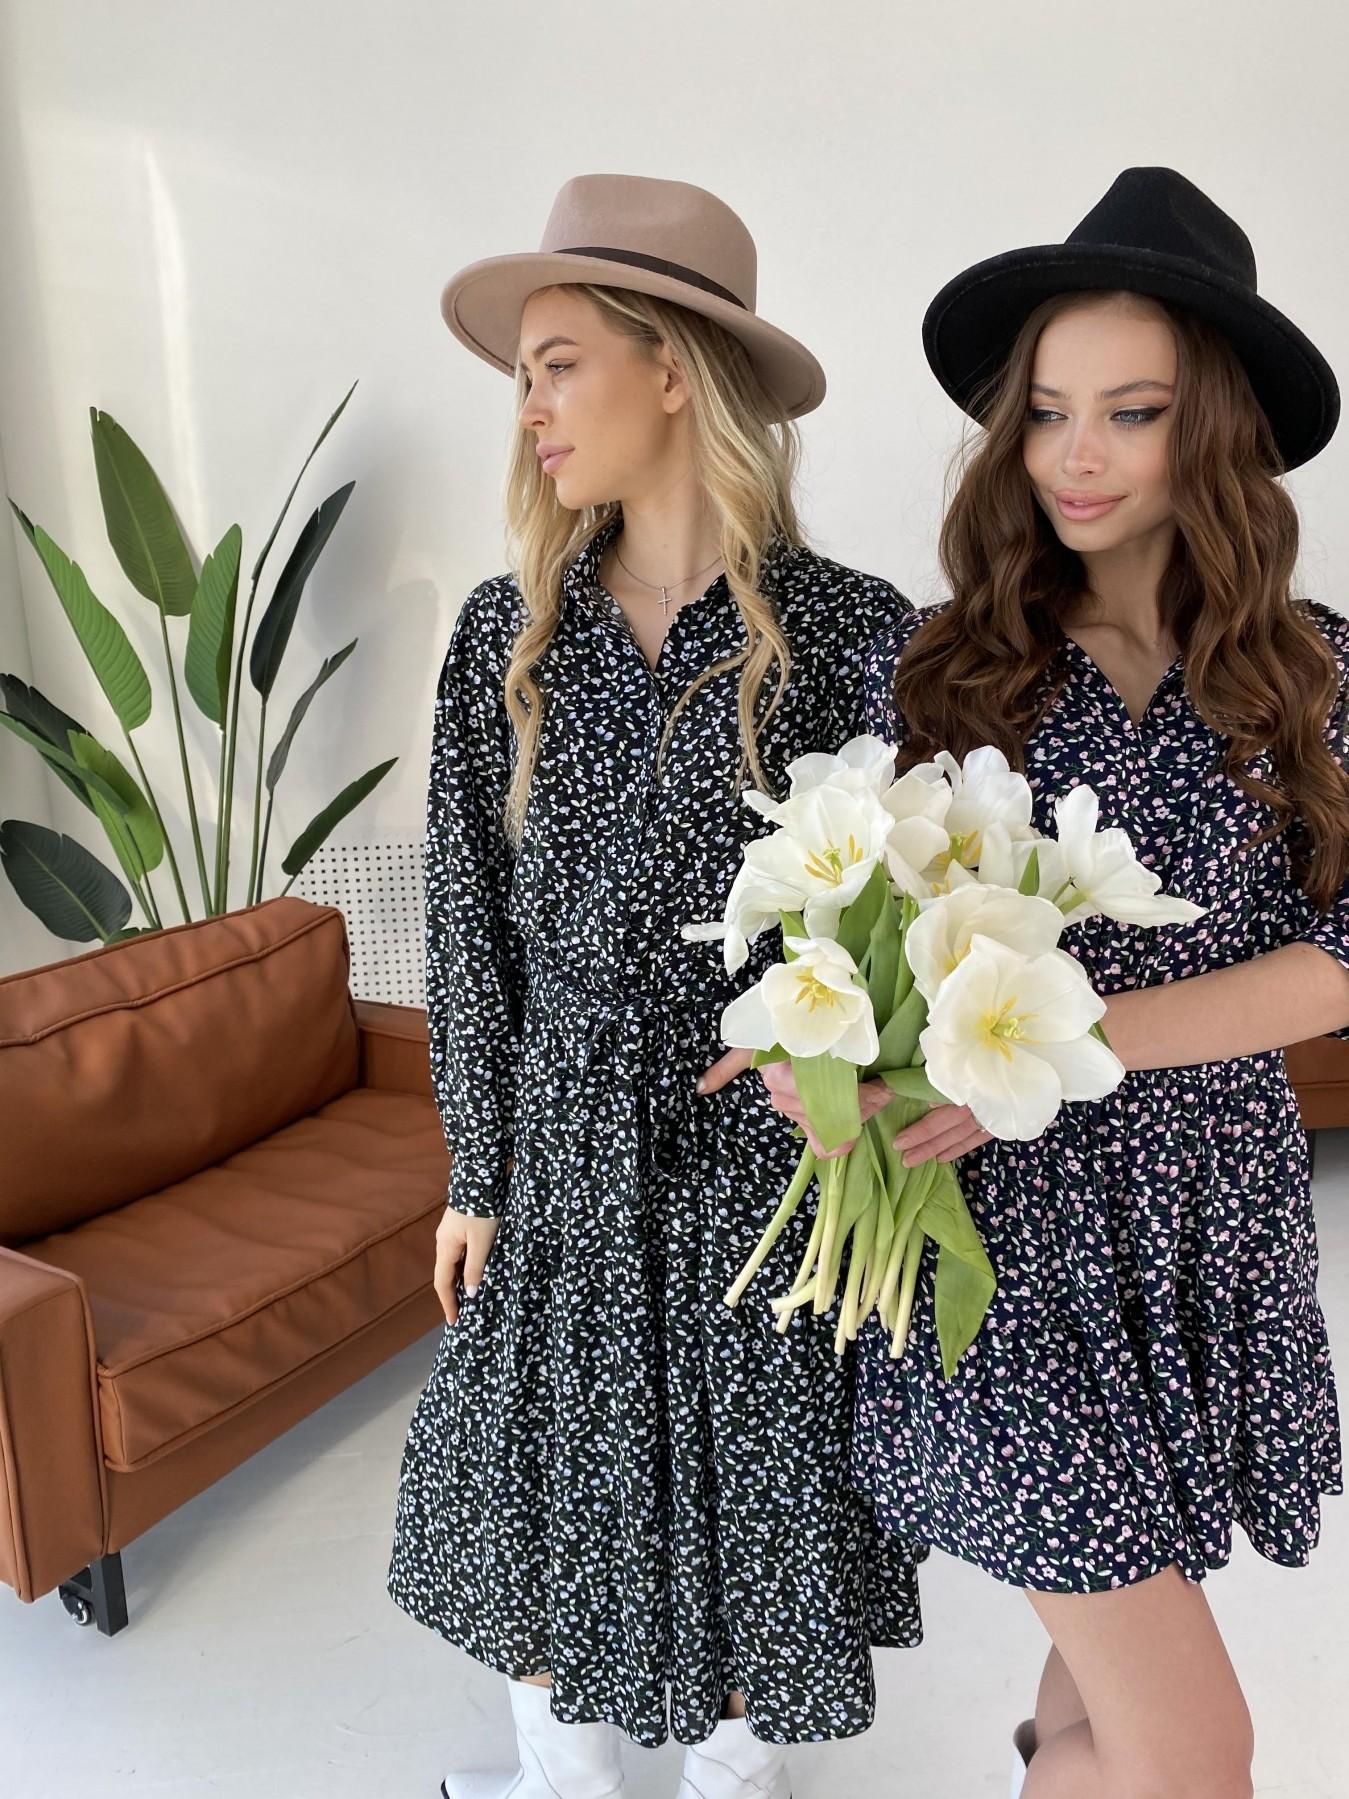 Нинель штапель принт платье 10877 АРТ. 47348 Цвет: Цветы мел т.син/бел/роз - фото 1, интернет магазин tm-modus.ru